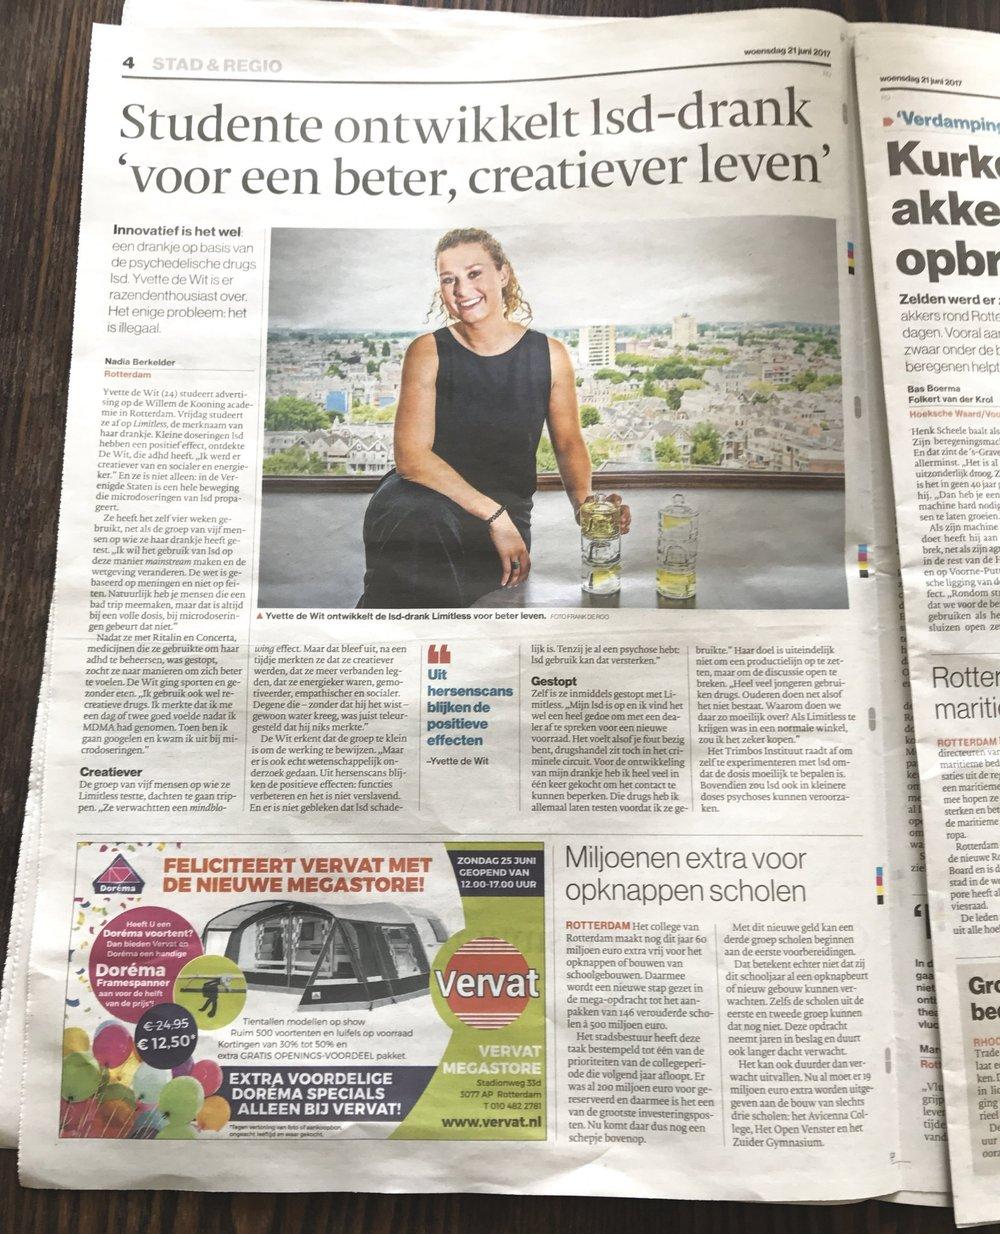 'Studente ontwikkelt lsd-drank voor een beter, creatiever leven'   Artikel in de krant, het AD